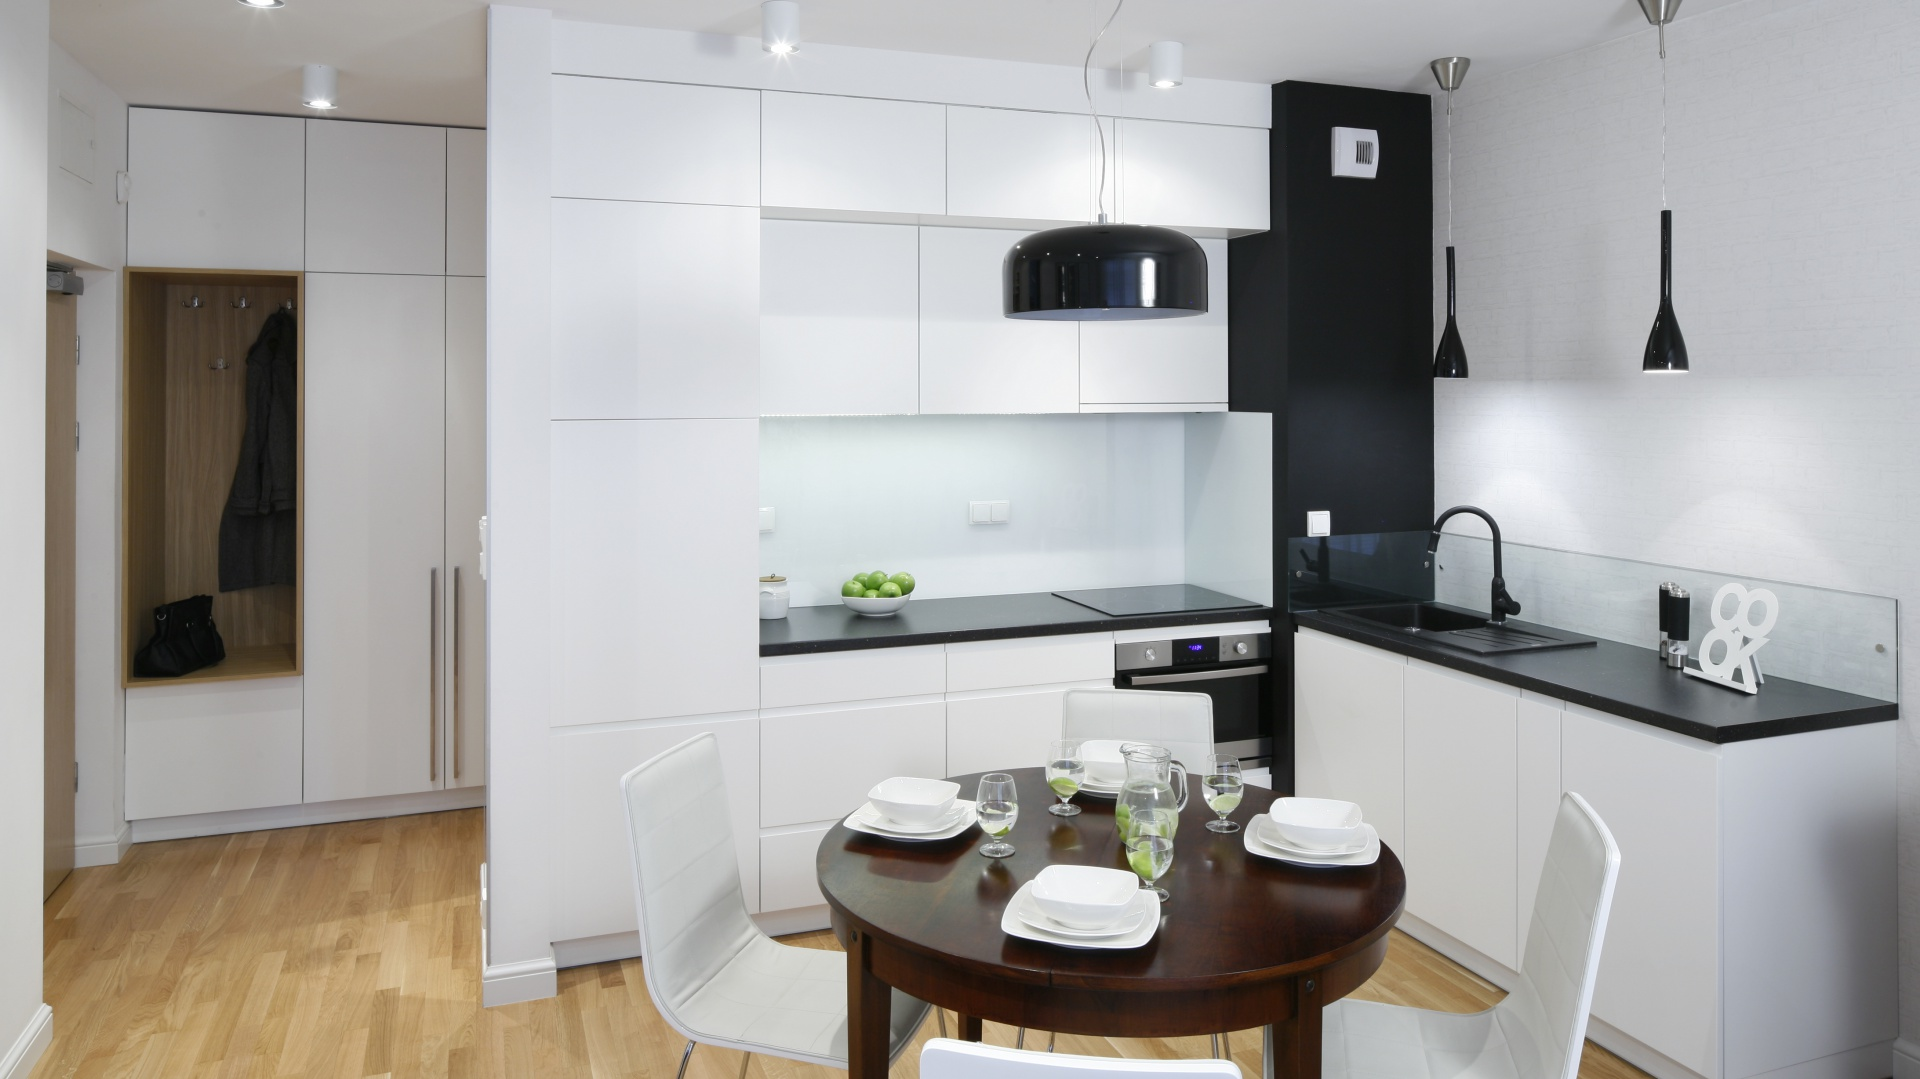 Wysoka, biała zabudowa Mała kuchnia w czerni i bieli   -> Mala Otwarta Kuchnia Aranżacje